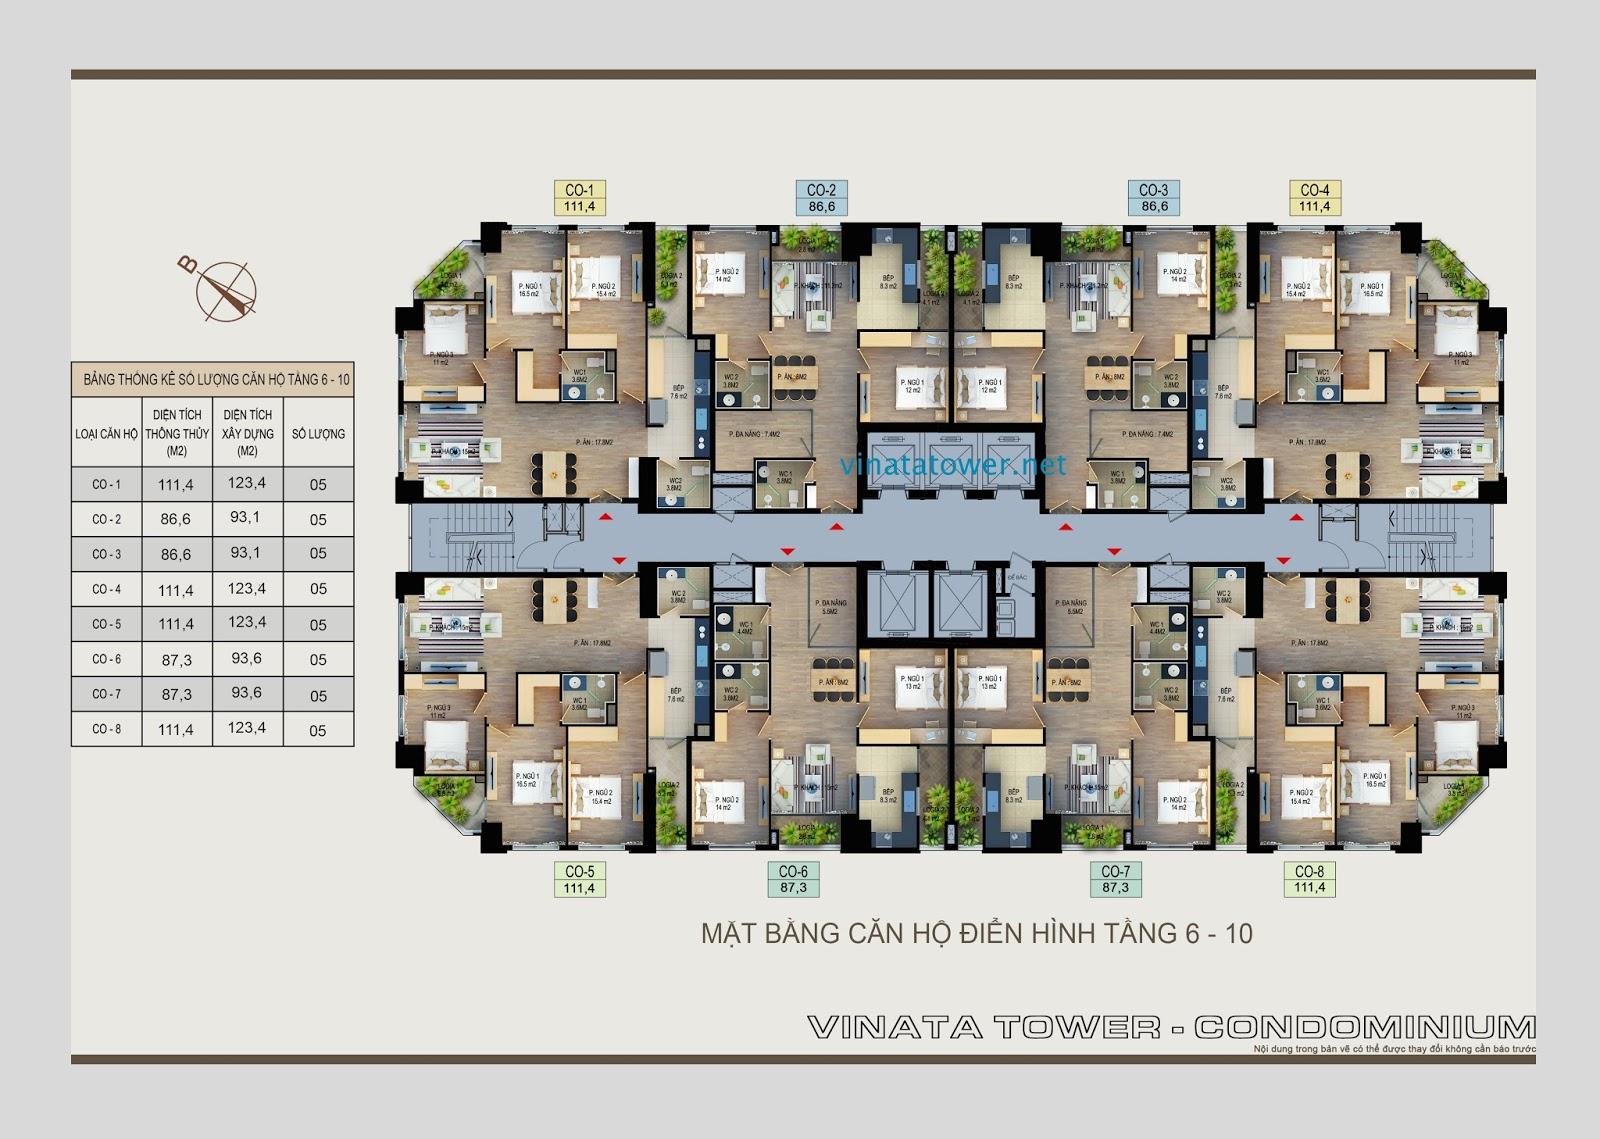 Mặt bằng tầng 6 - tầng 10 chung cư Vinata Towers